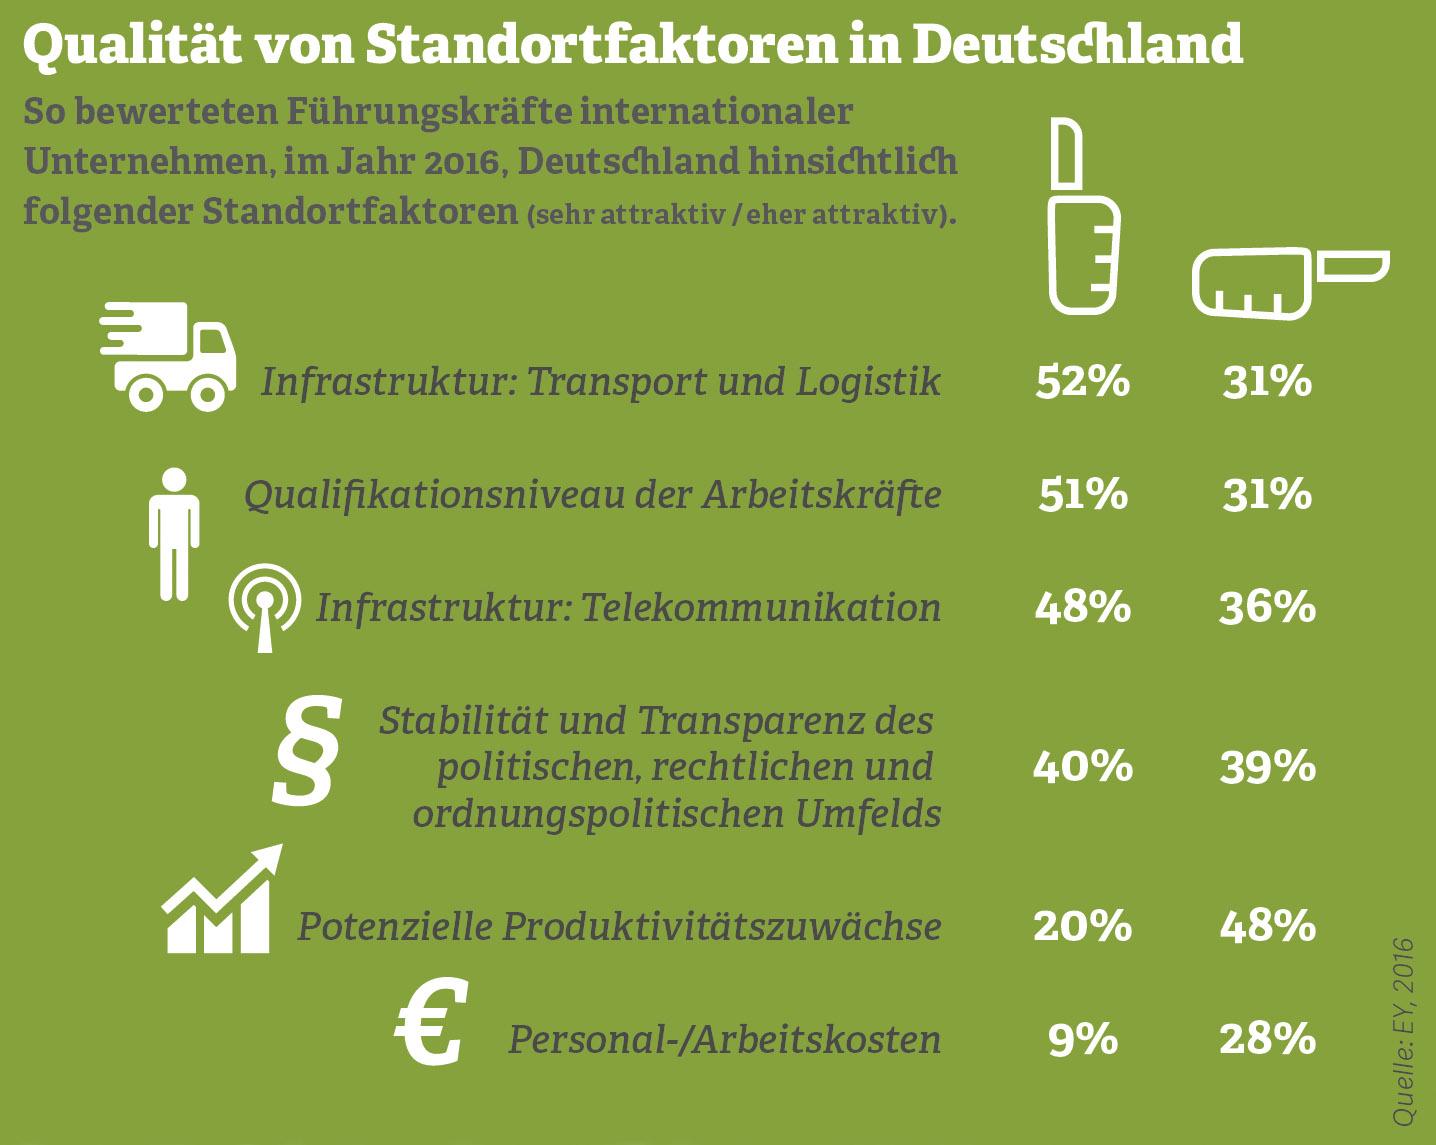 Grafik: Qualität von Standortfaktoren in Deutschland